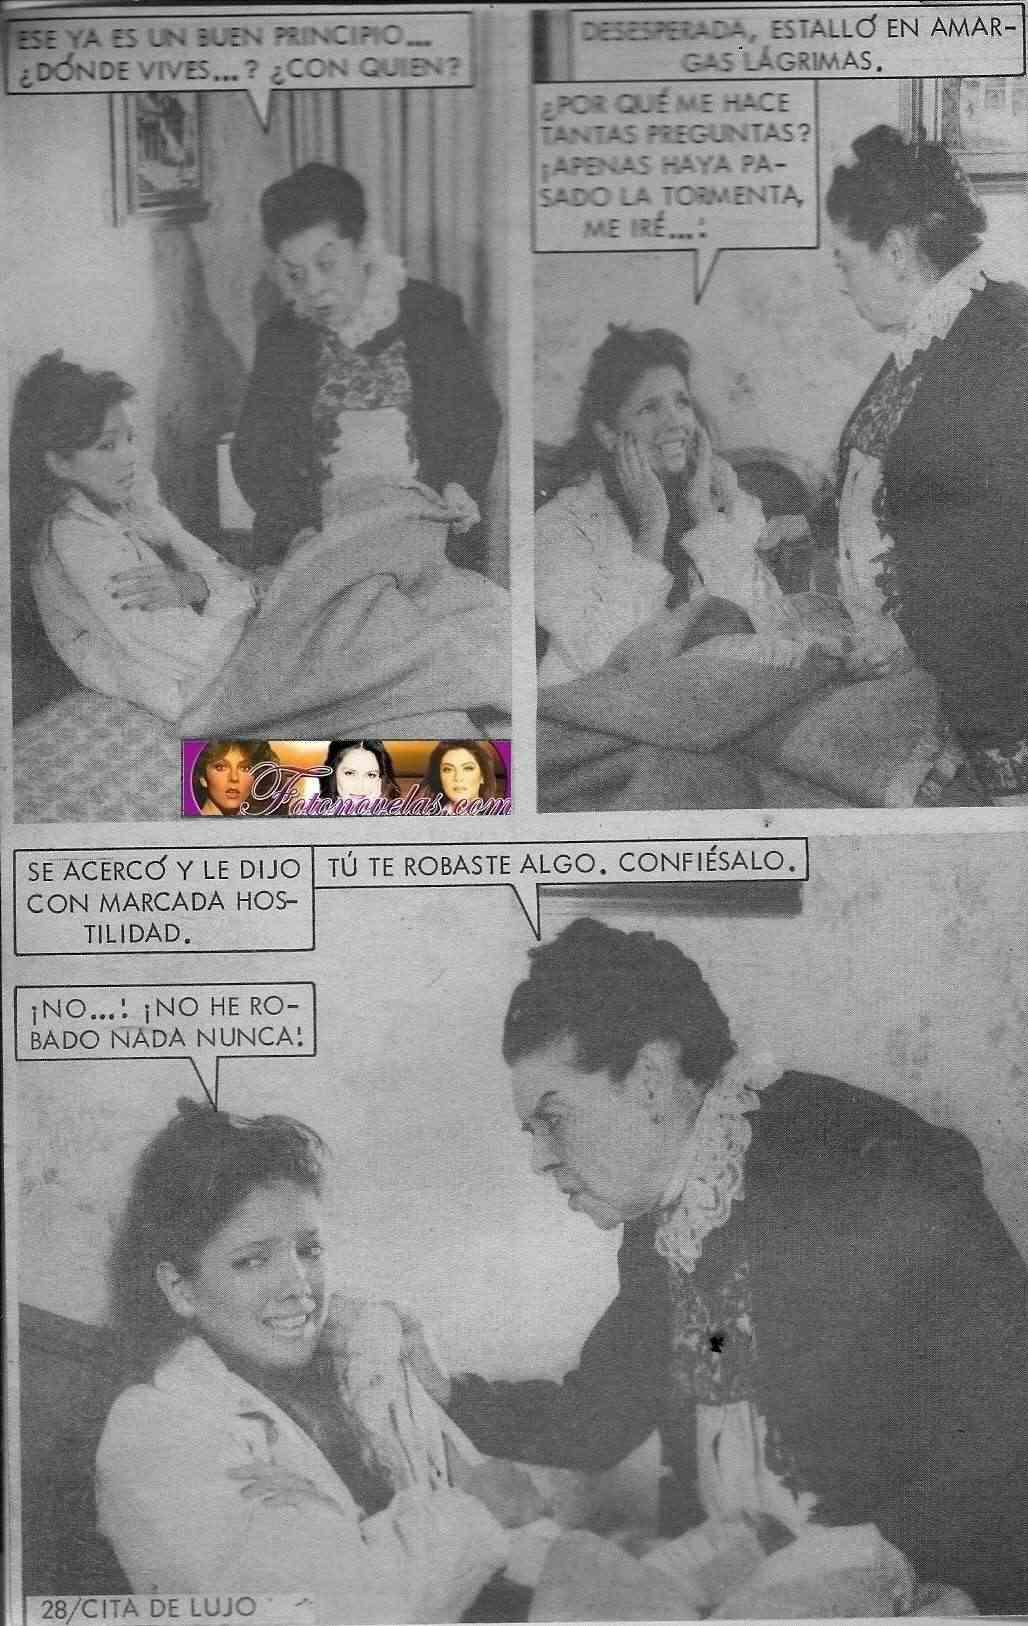 Galerija, Scanovi Escane24